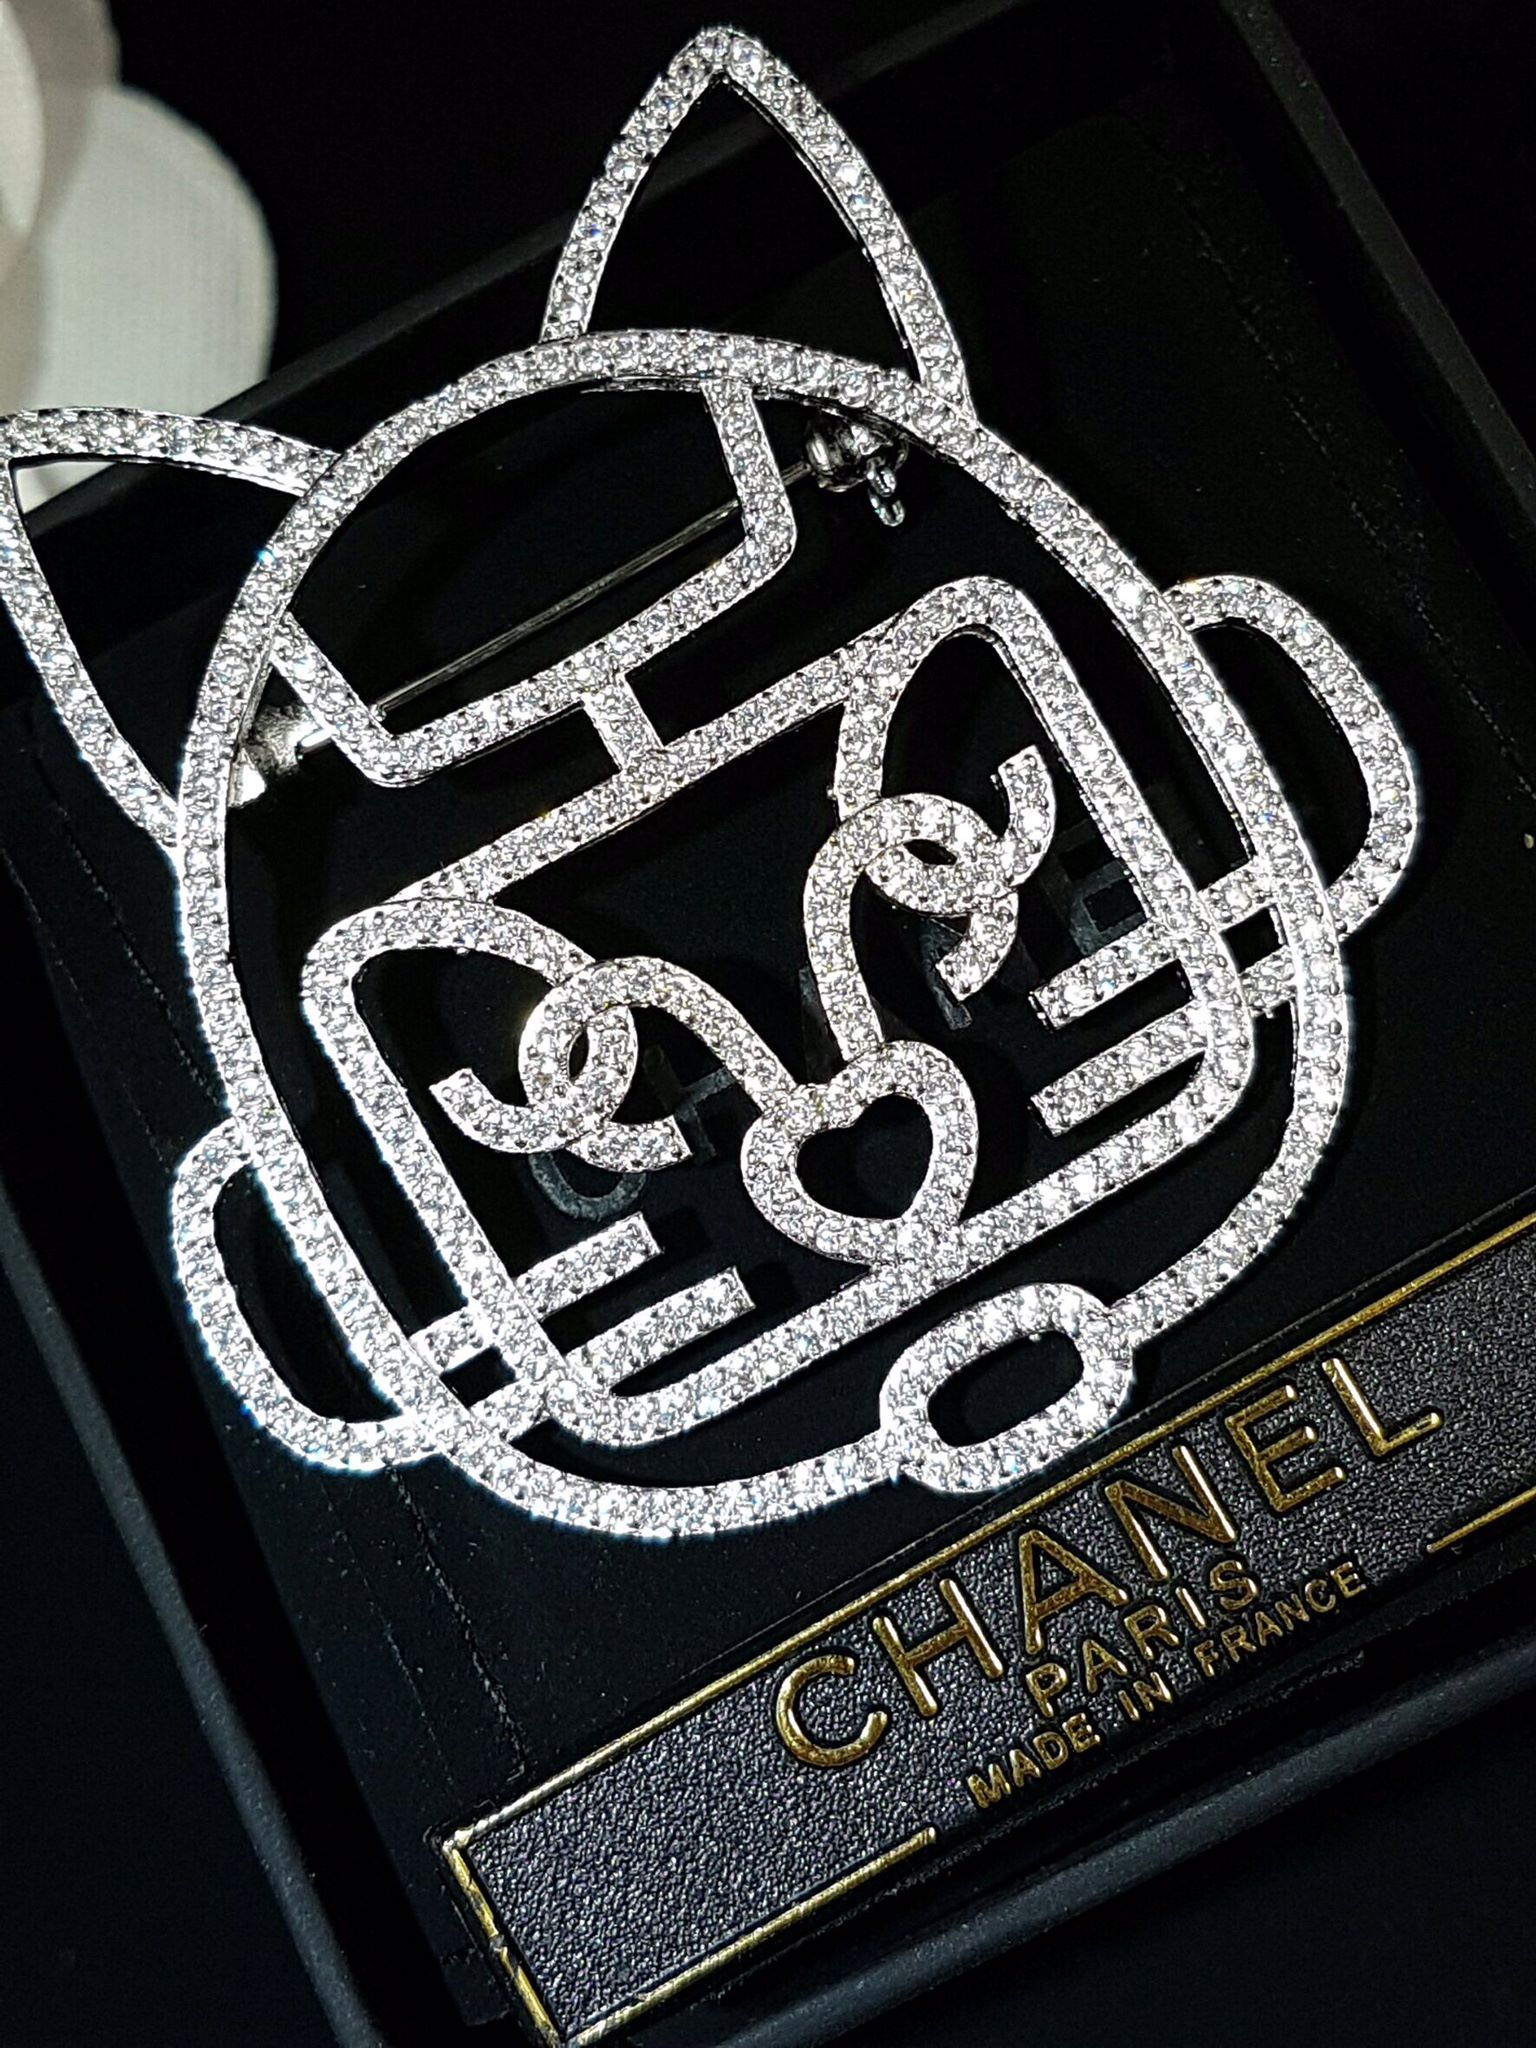 พร้อมส่ง diamond Chanel brooch เข็มกลัดชาแนล งานแมว